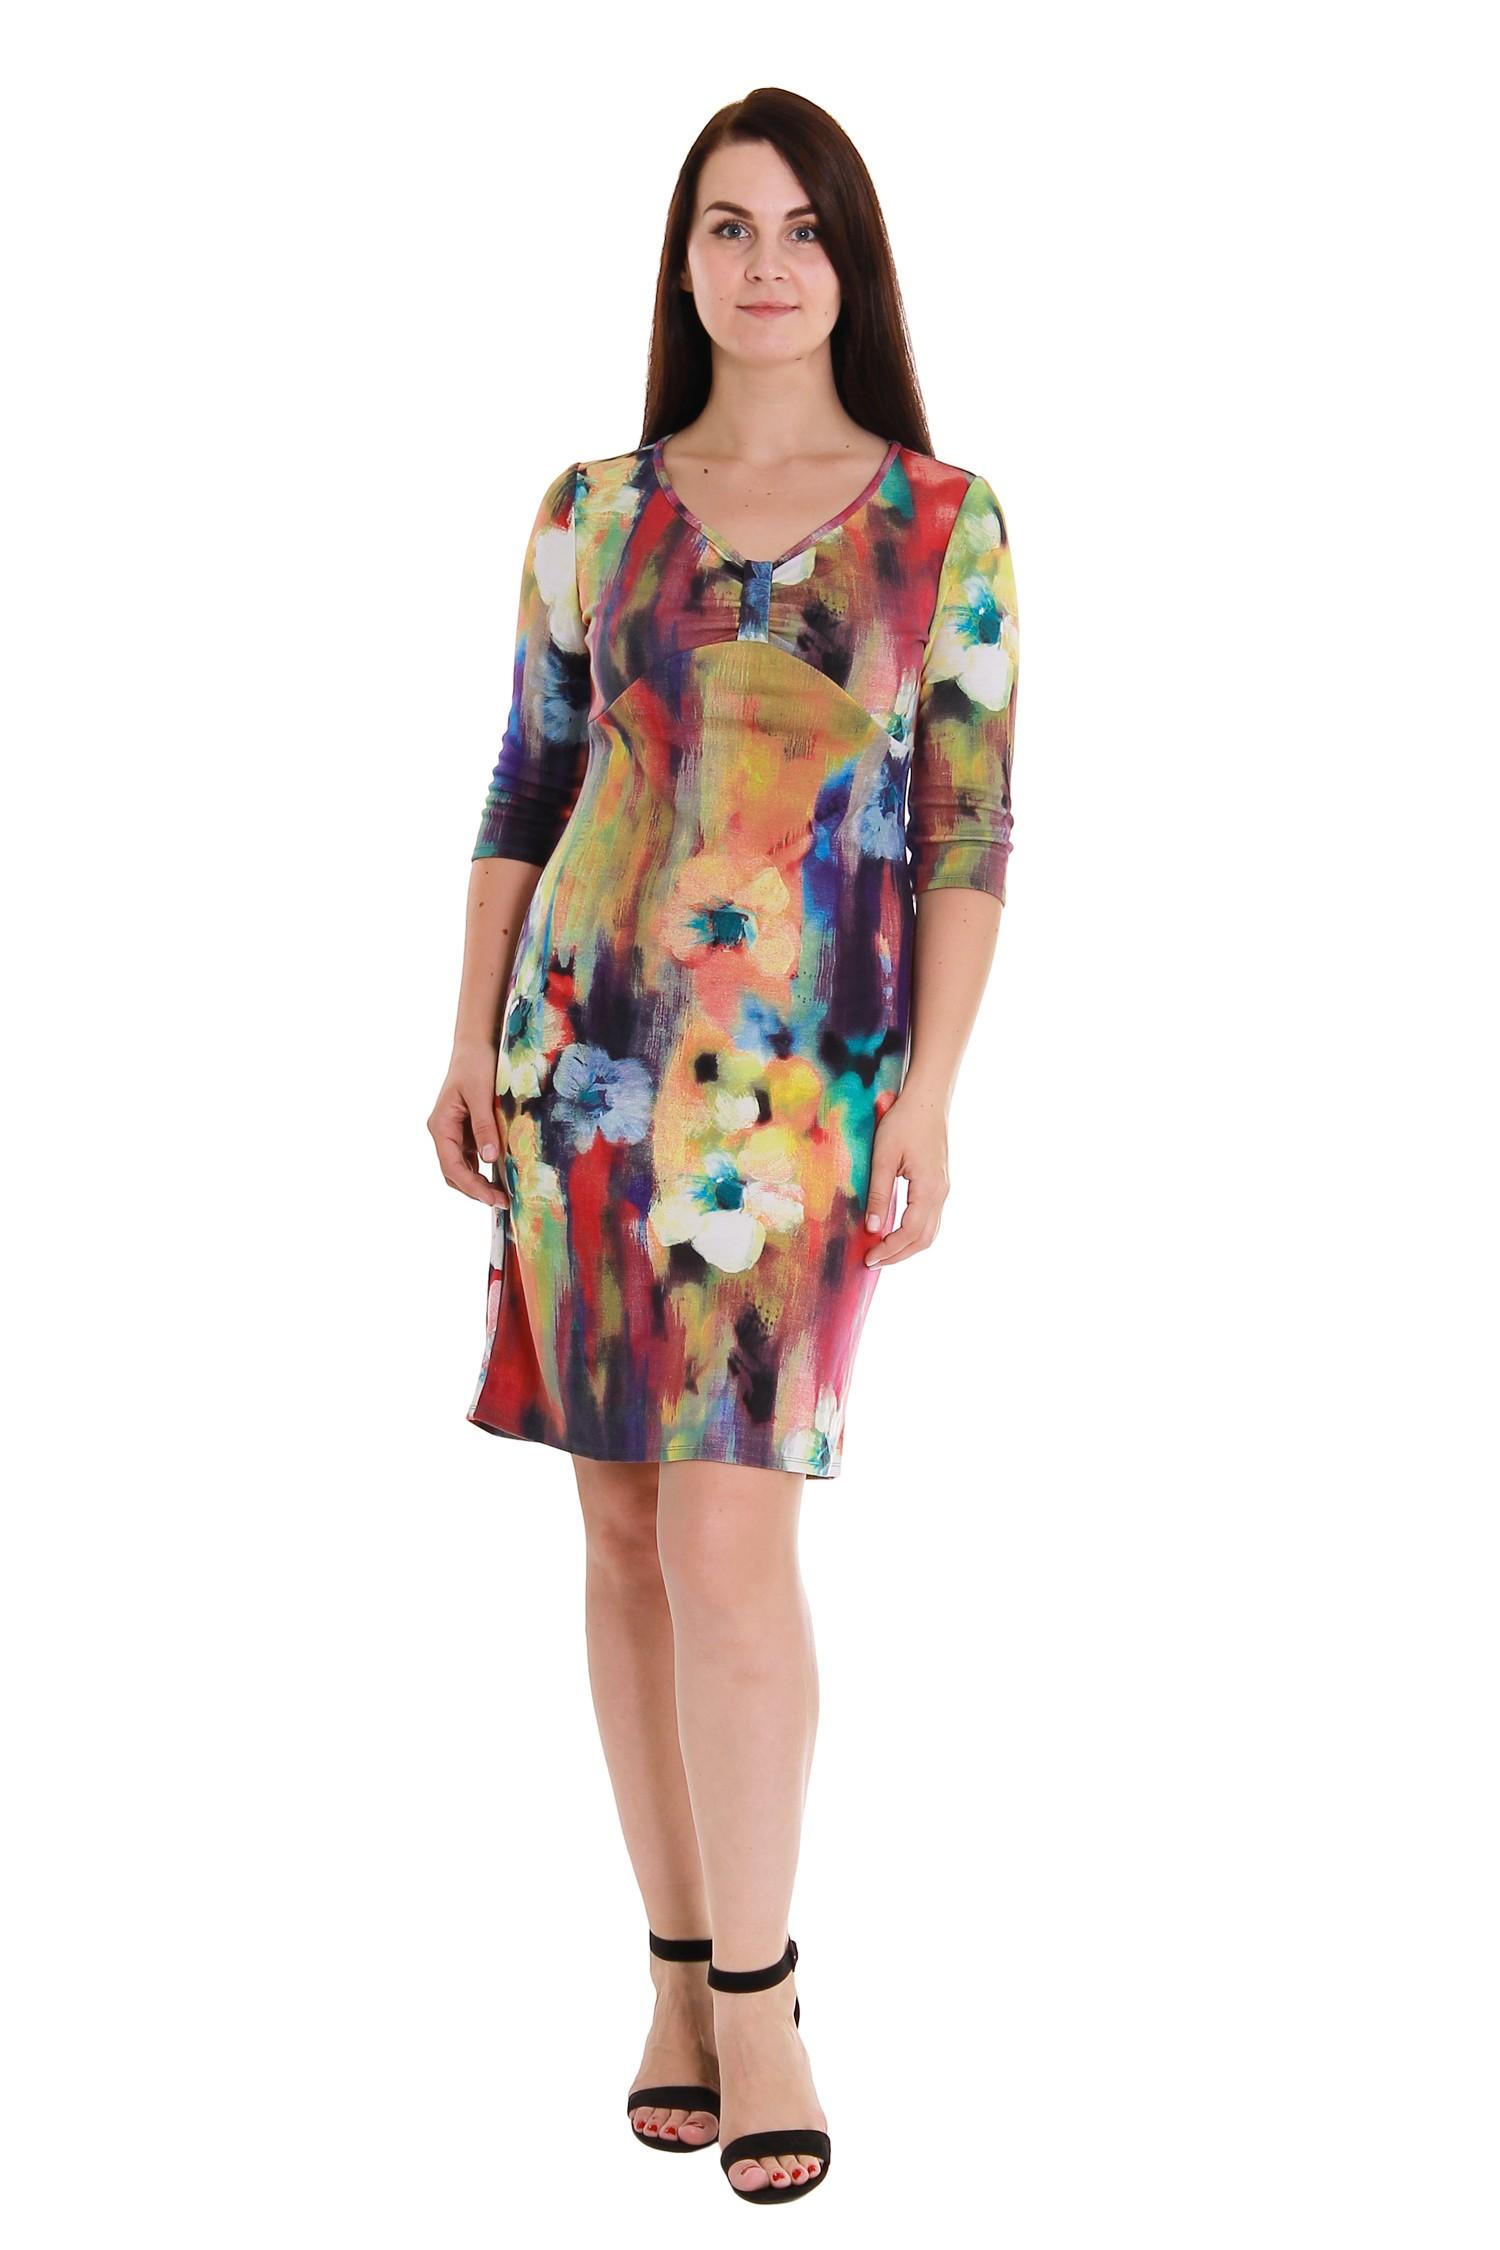 ПлатьеПлатья<br>Элегантное женское платье из приятного трикотажа для прекрасных дам.  Рост девушки-фотомодели 180 см<br><br>По образу: Город,Свидание<br>По стилю: Молодежный стиль,Повседневный стиль,Романтический стиль<br>По материалу: Трикотаж,Вискоза<br>По рисунку: Абстракция,Цветные,Цветочные<br>По сезону: Зима,Весна,Осень<br>По силуэту: Полуприталенные<br>По элементам: С декором<br>По форме: Платье - футляр<br>По длине: Миди<br>Рукав: Рукав три четверти<br>Горловина: V- горловина<br>Размер: 50,52,54,56,58,46,48<br>Материал: 95% вискоза 5% эластан<br>Количество в наличии: 2